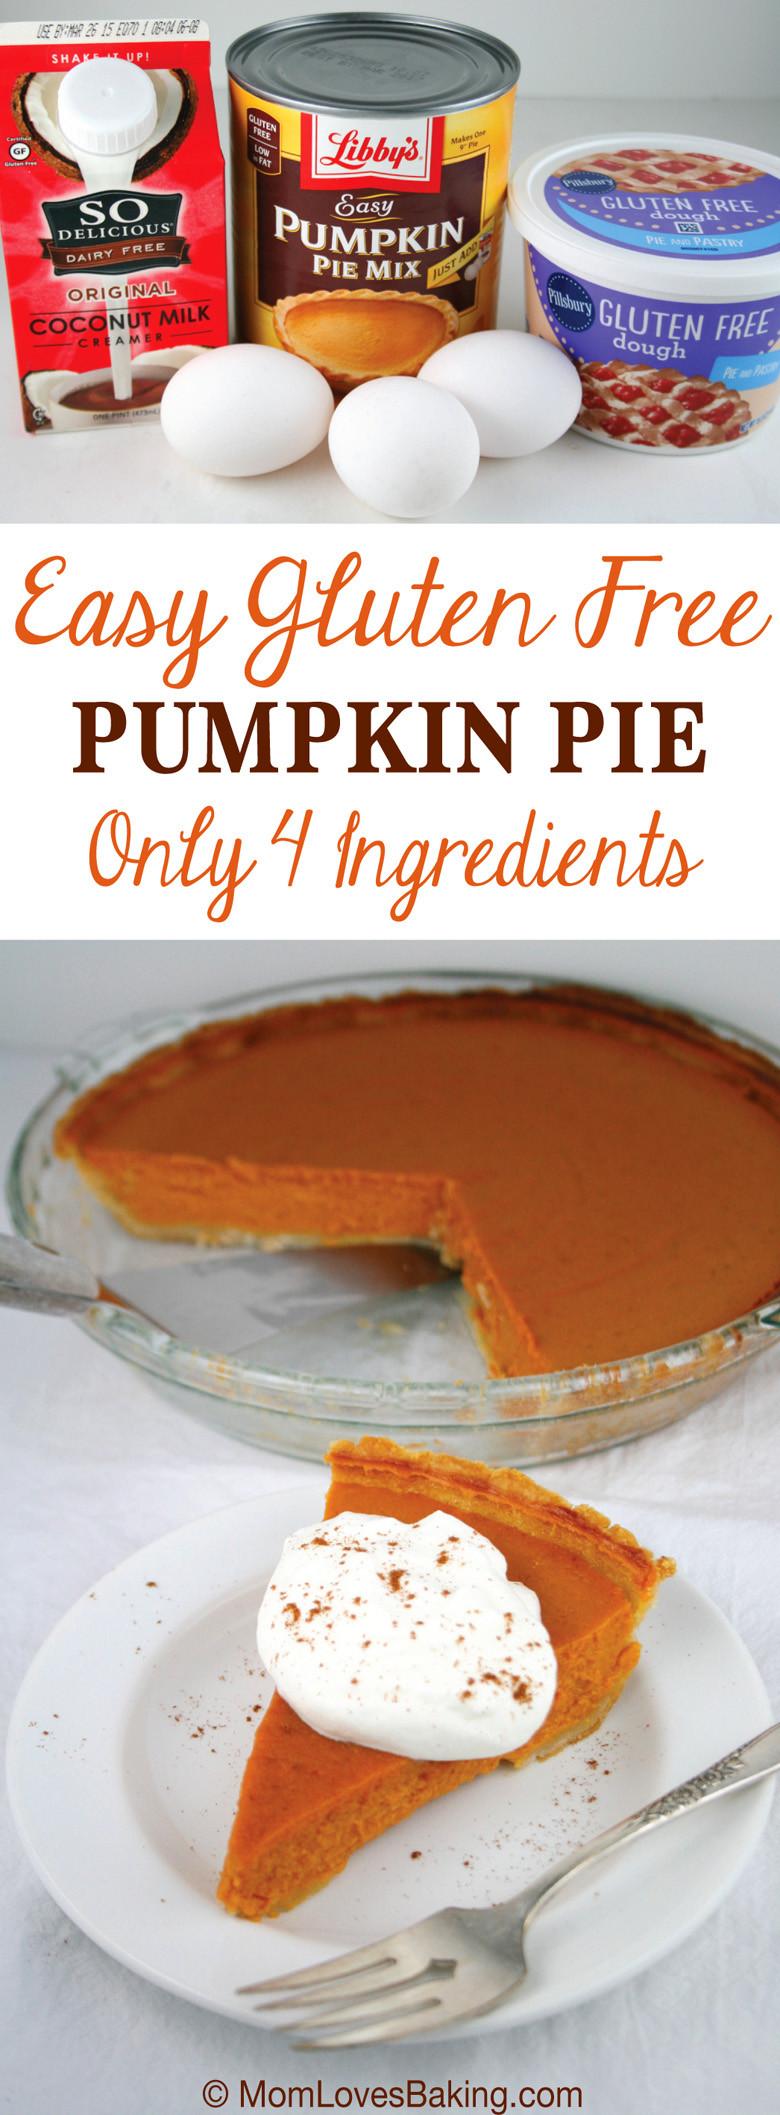 Gluten Free Pumpkin Pie  Easy Gluten Free Pumpkin Pie Mom Loves Baking